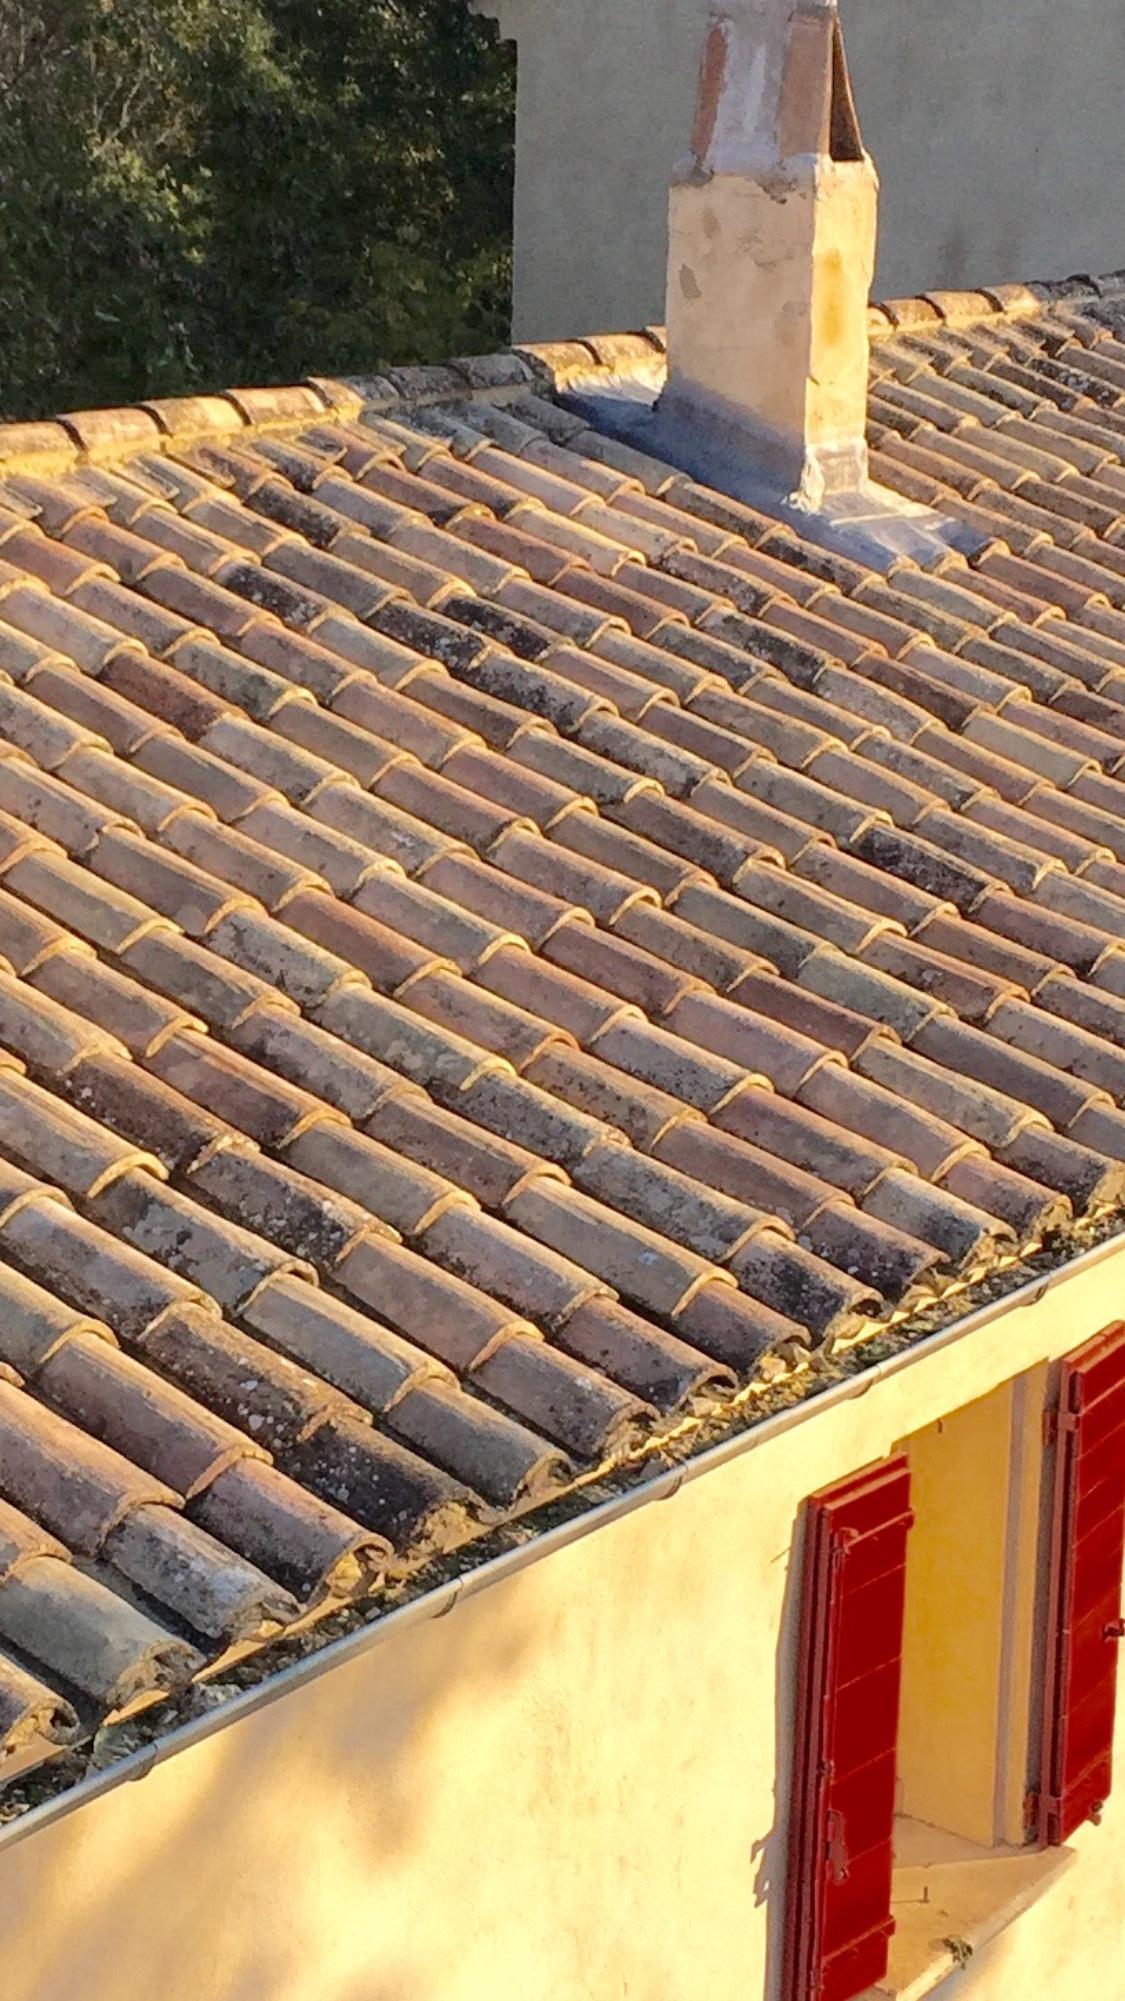 remaniement toiture prix r novation toitures avignon 84 ved ne. Black Bedroom Furniture Sets. Home Design Ideas